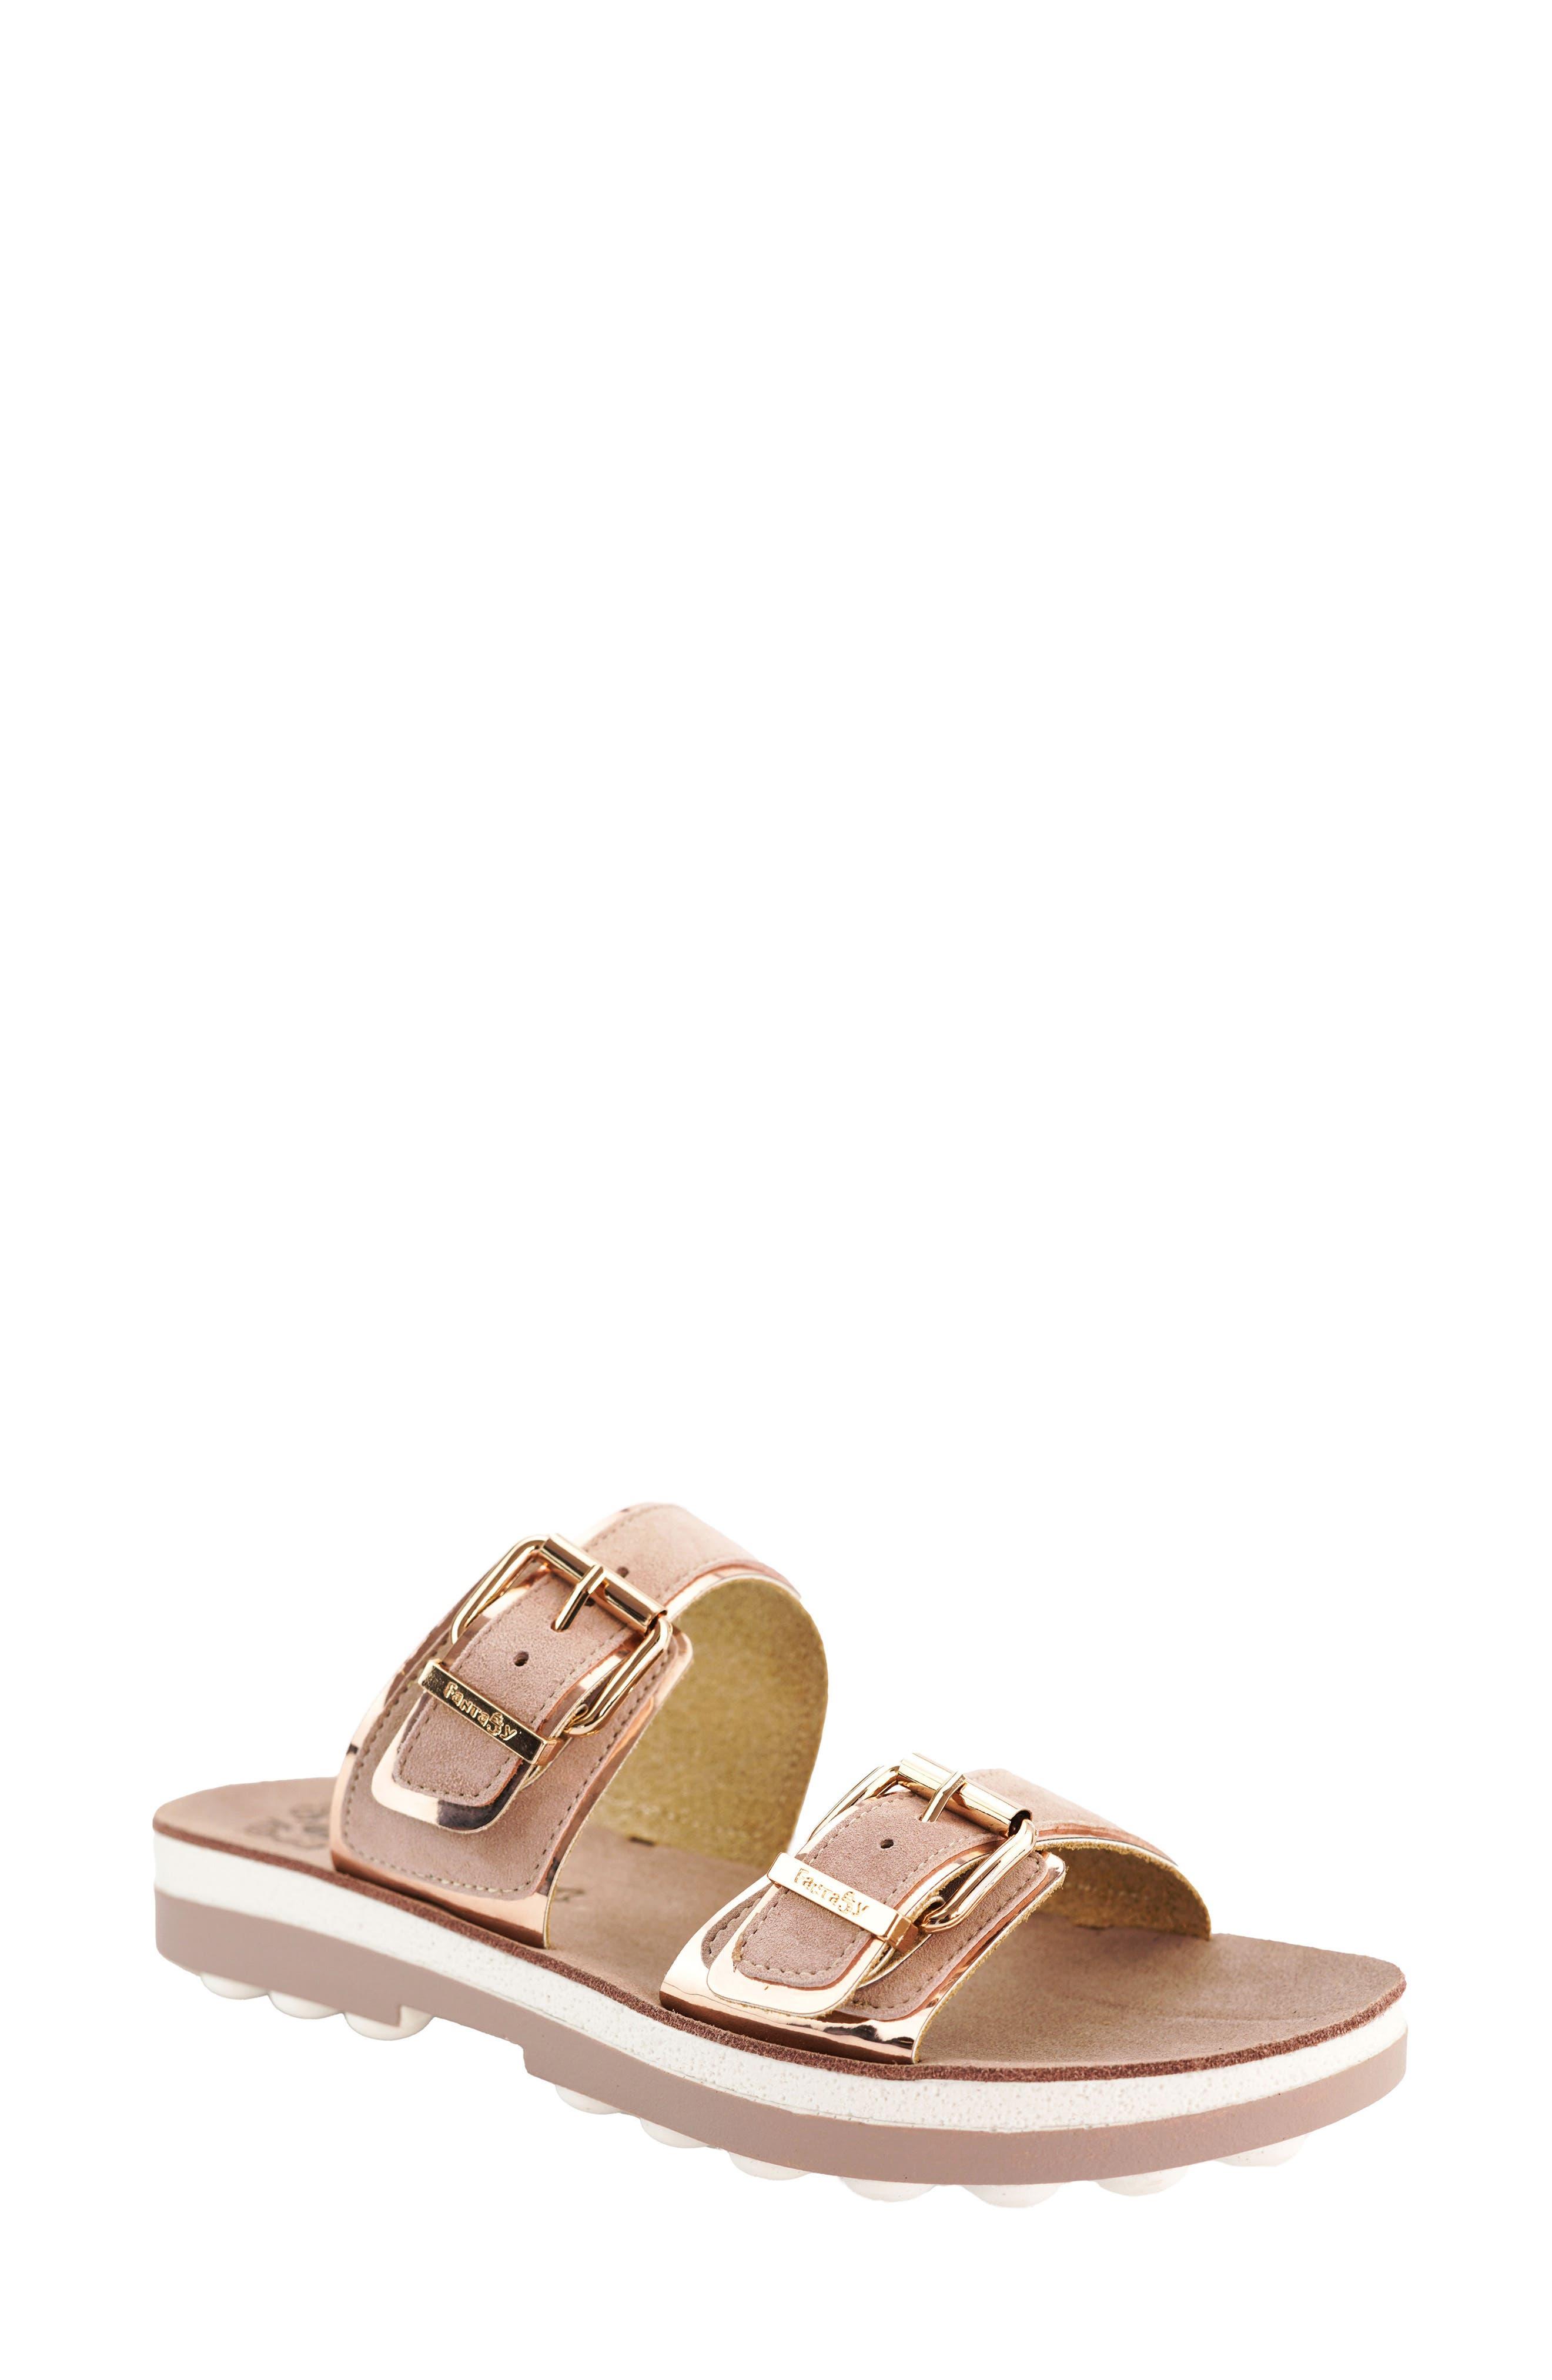 Fenia Slide Sandal